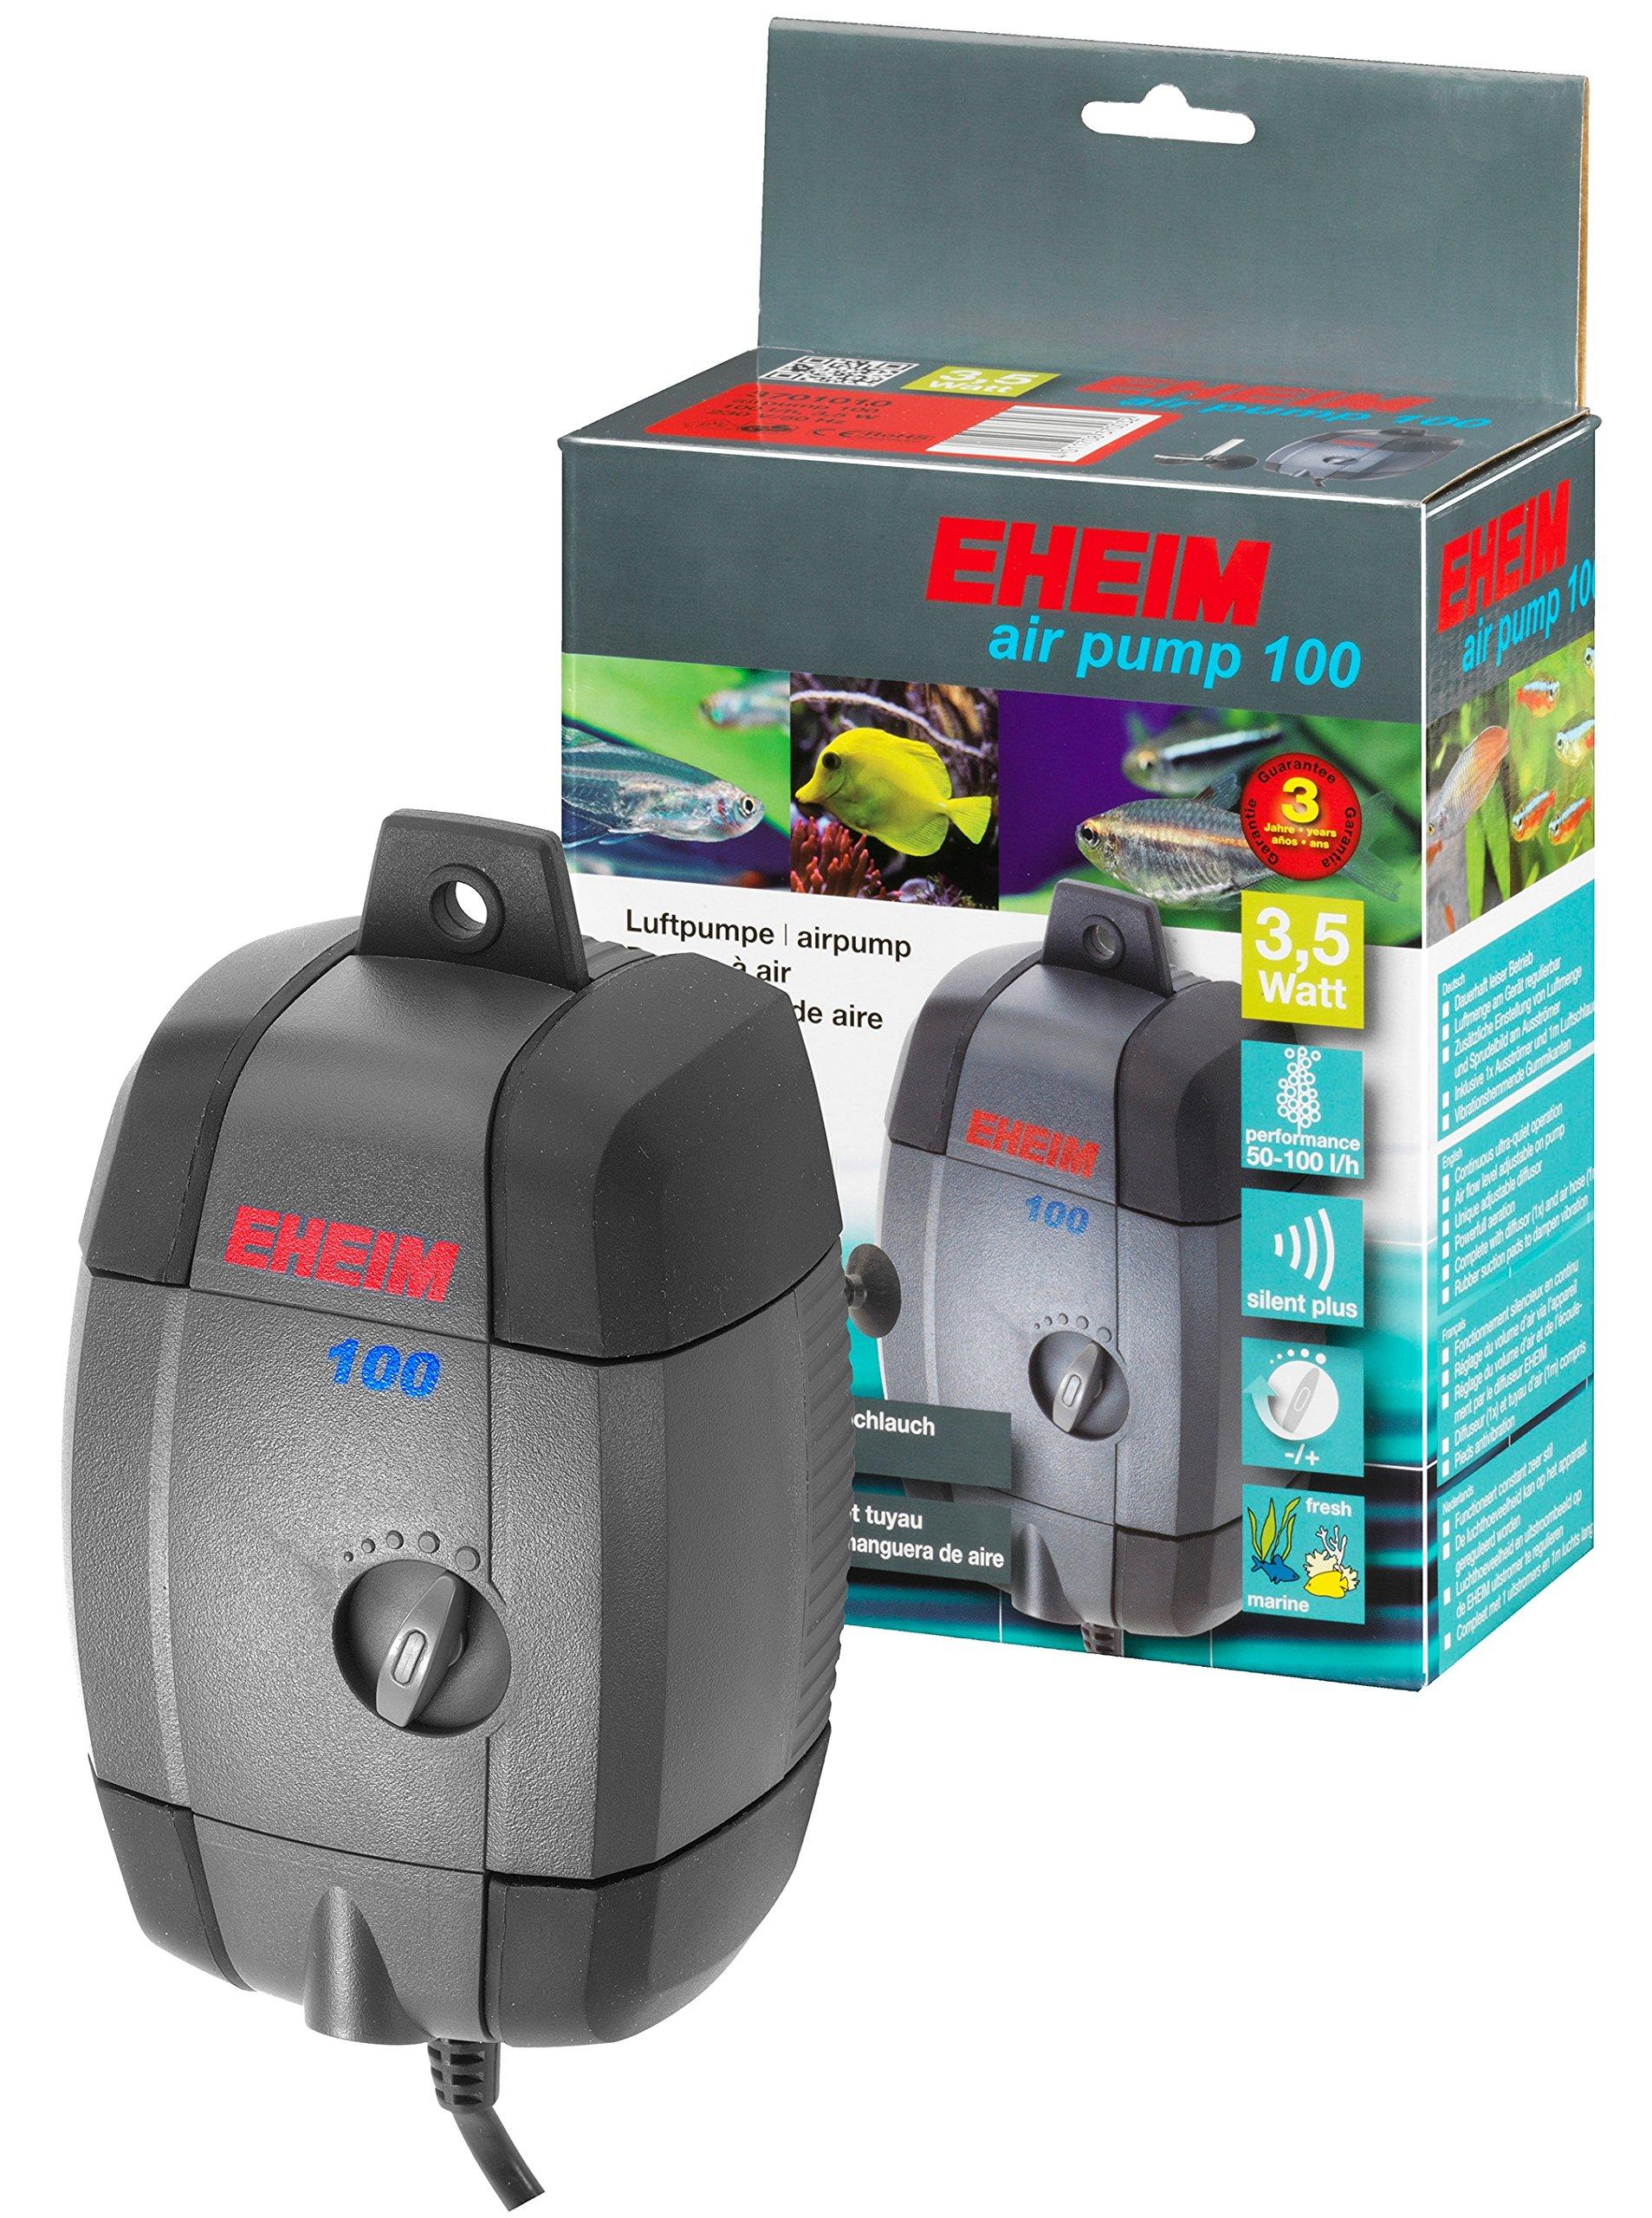 Eheim 3701010 - Bomba de aire (100 unidades) product image